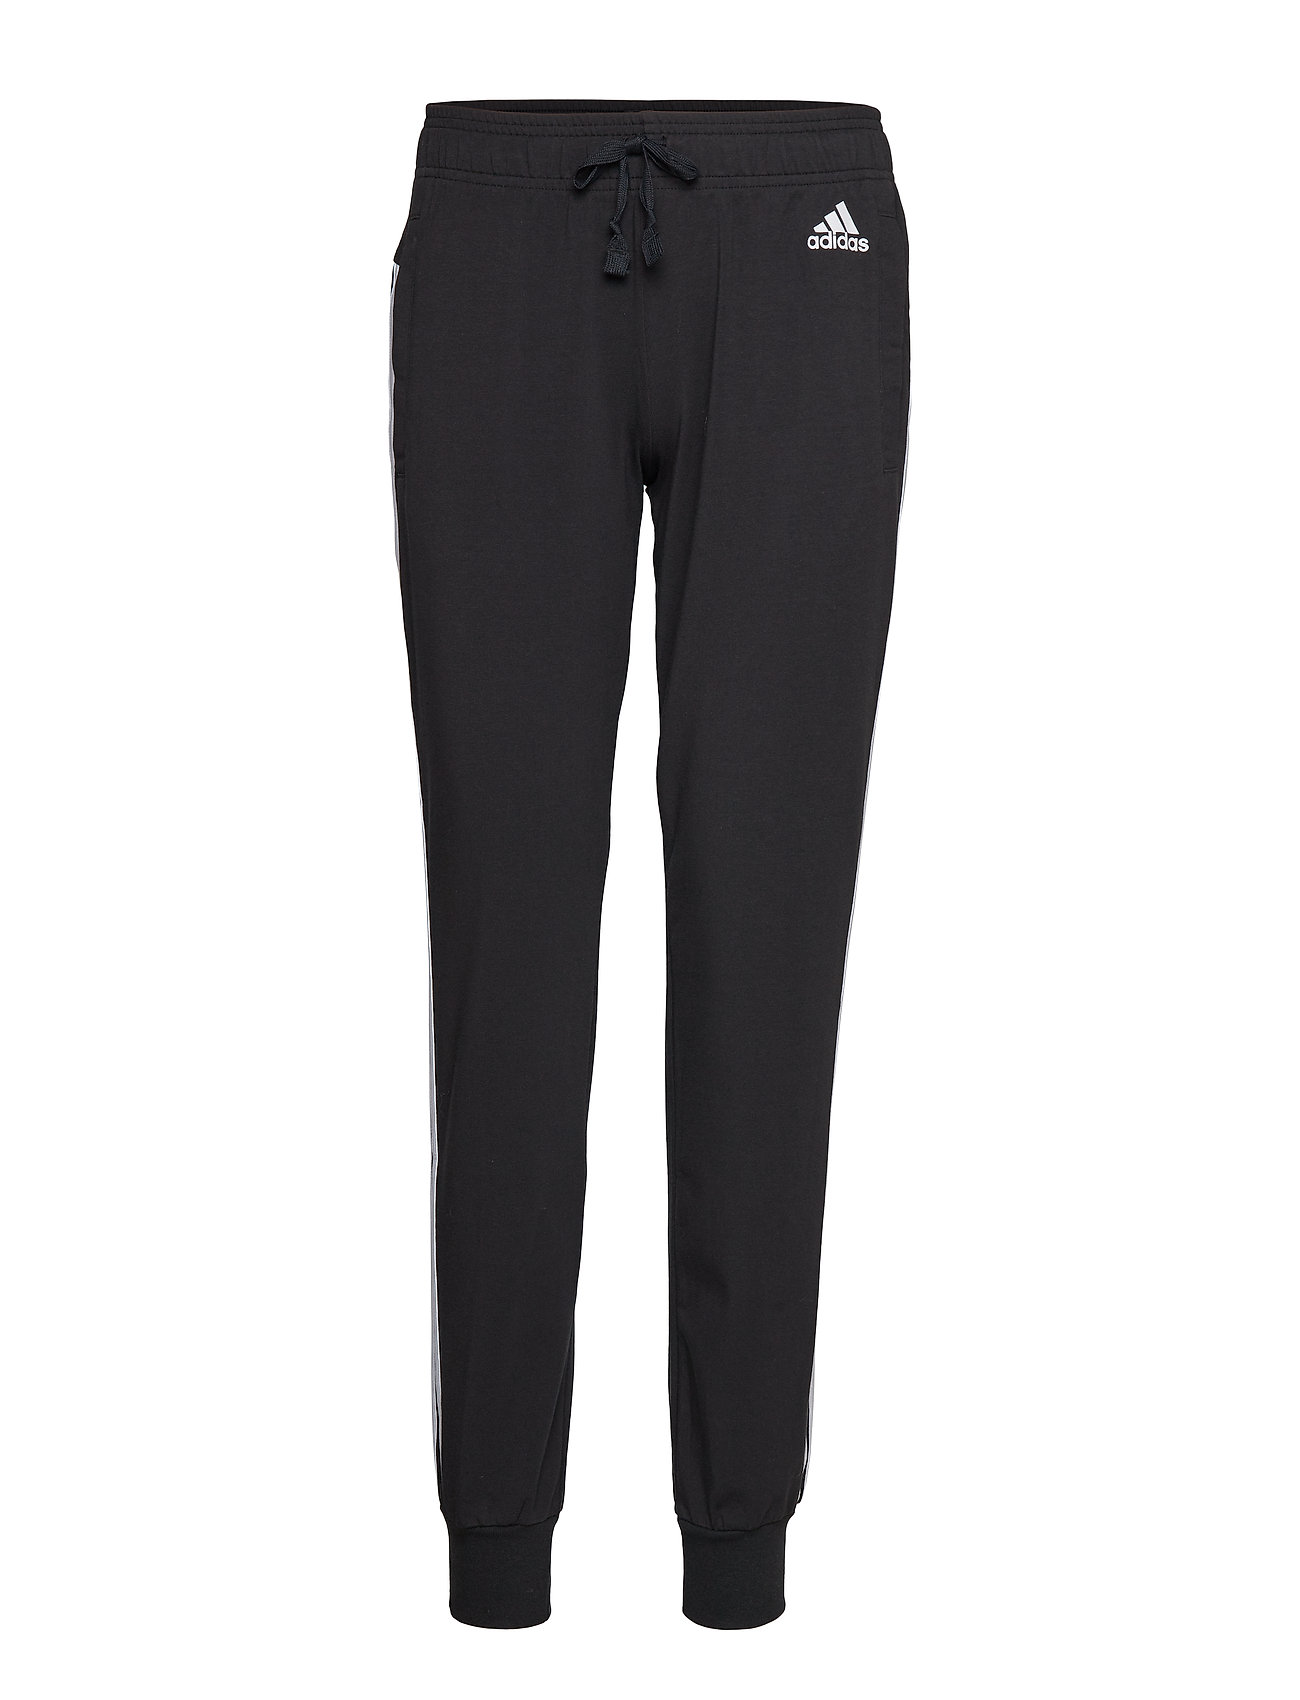 adidas Tennis ESS 3 STRIPES PANT - BLACK